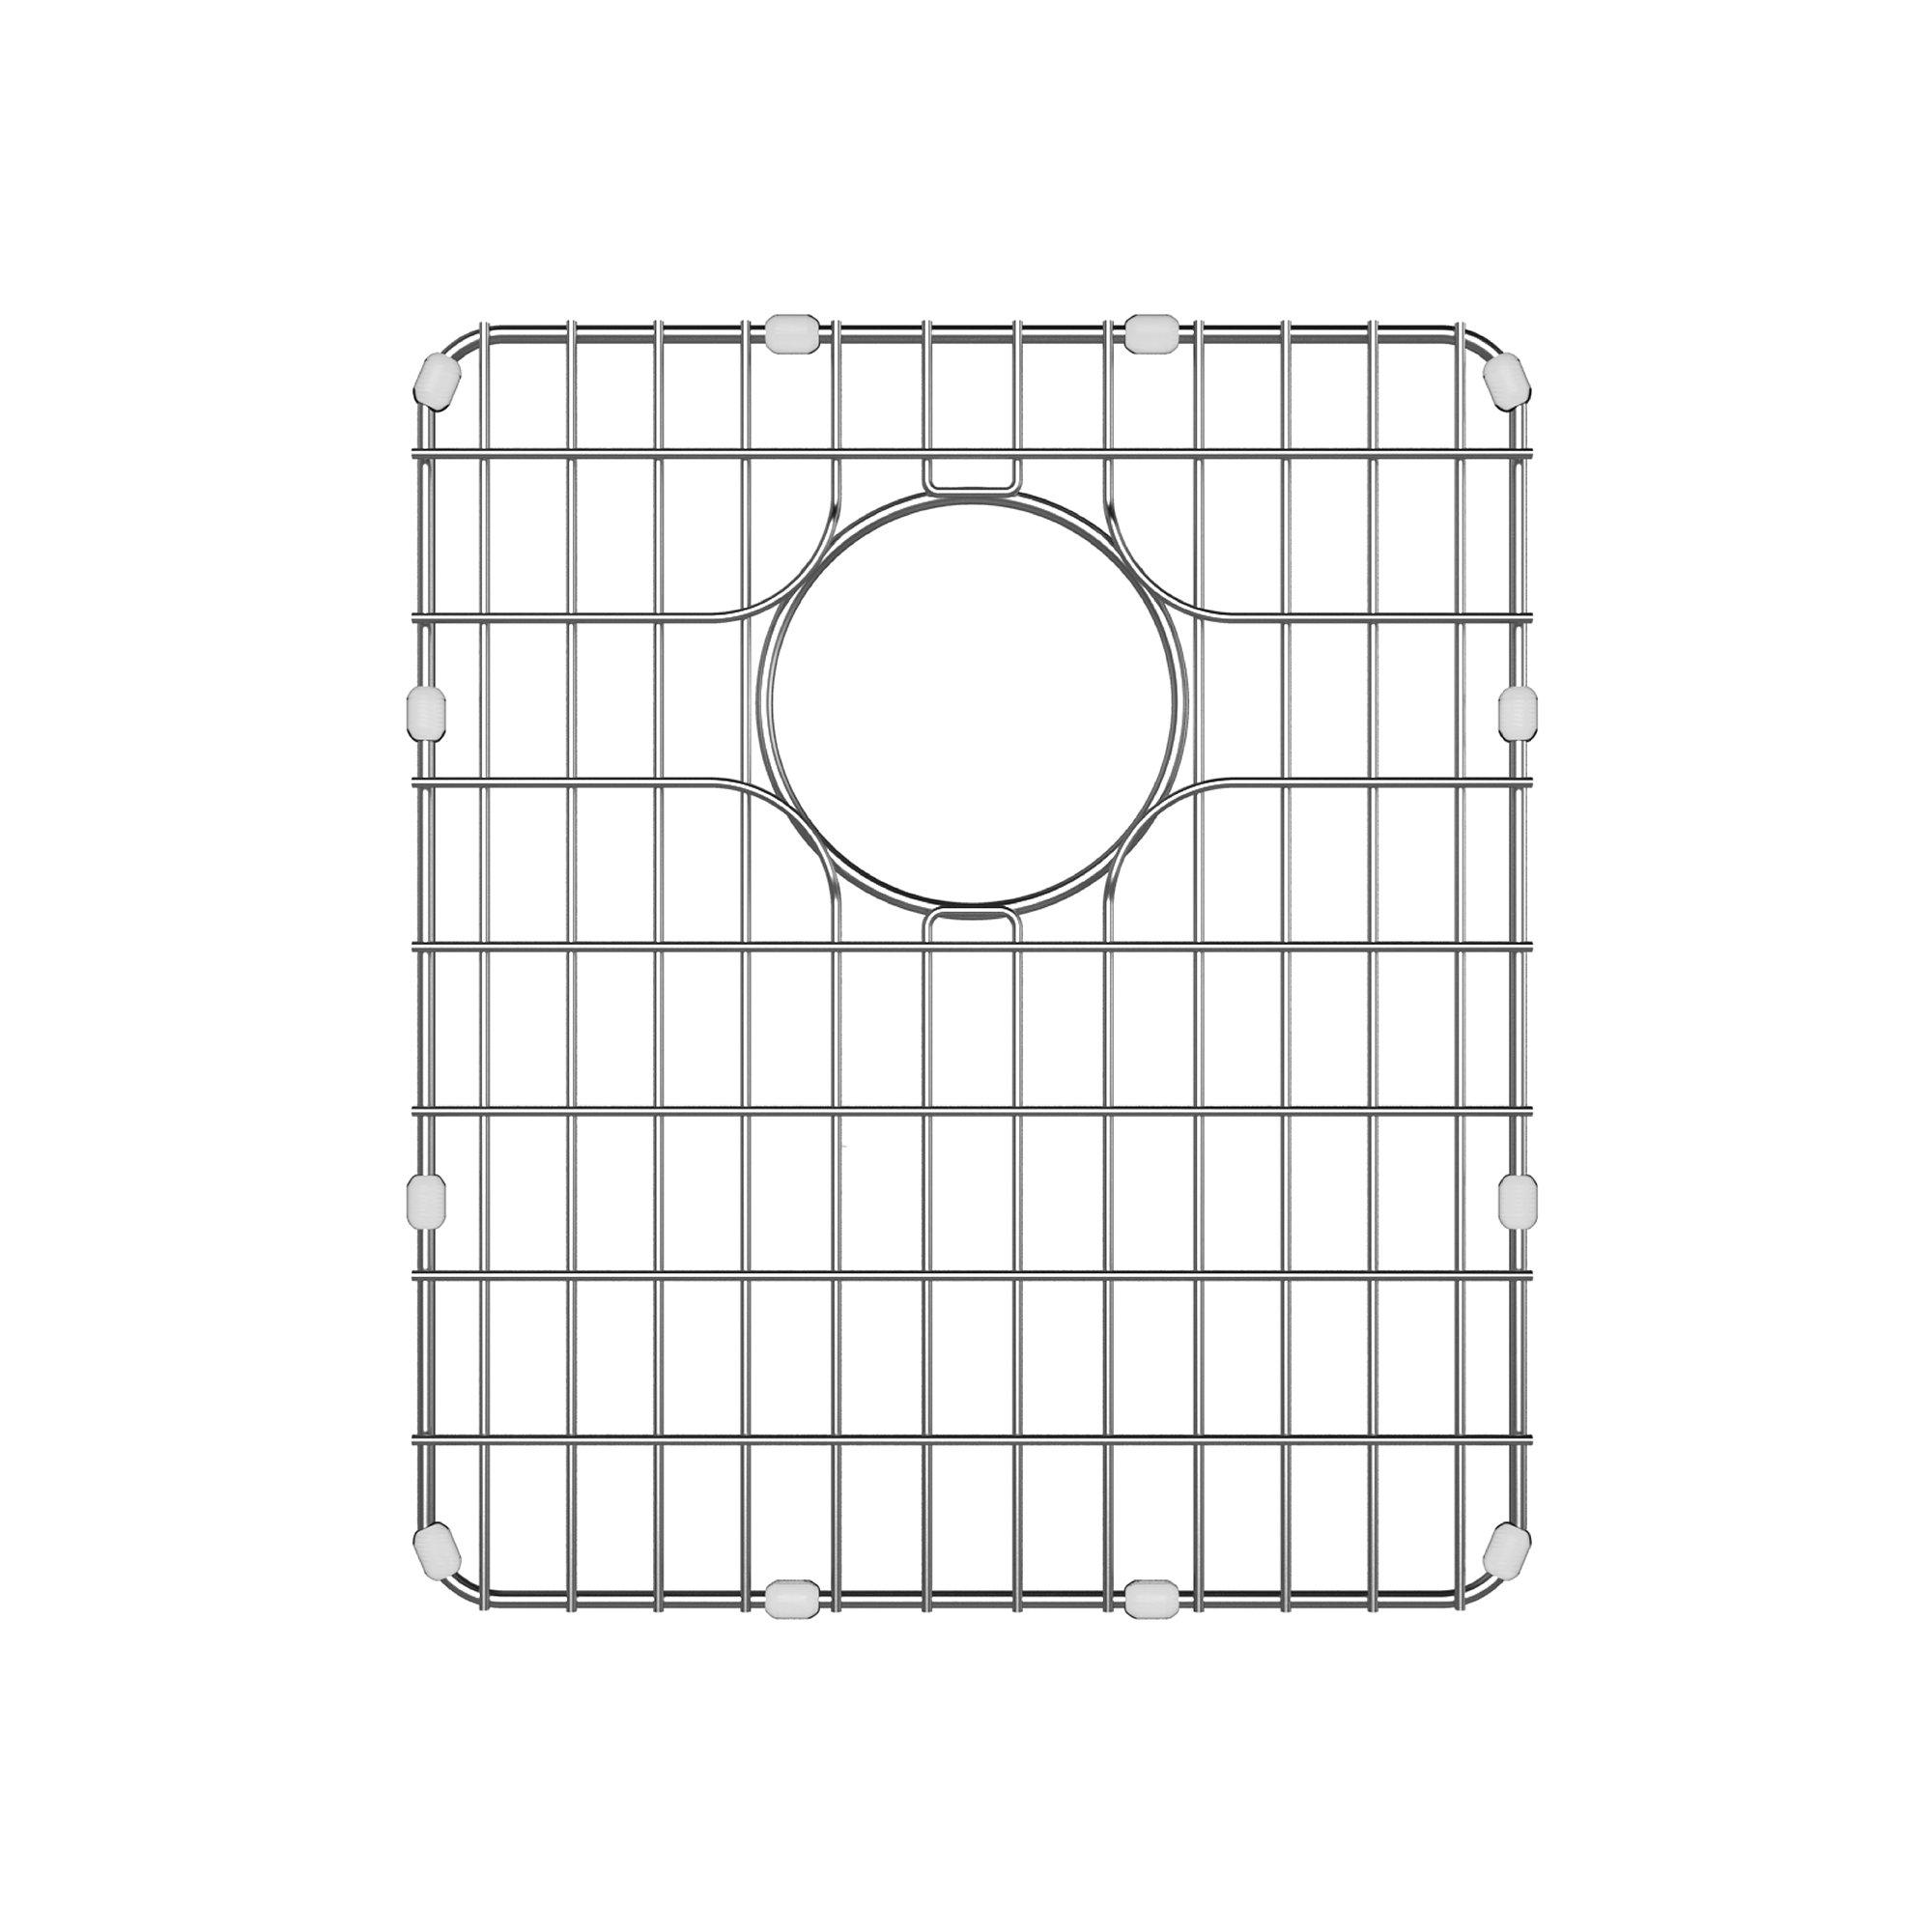 Kraus BG1517 Stainless Steel Bottom Grid for KD1US17B Kitchen Sink, 12.8'' x 14.8'' x 1''